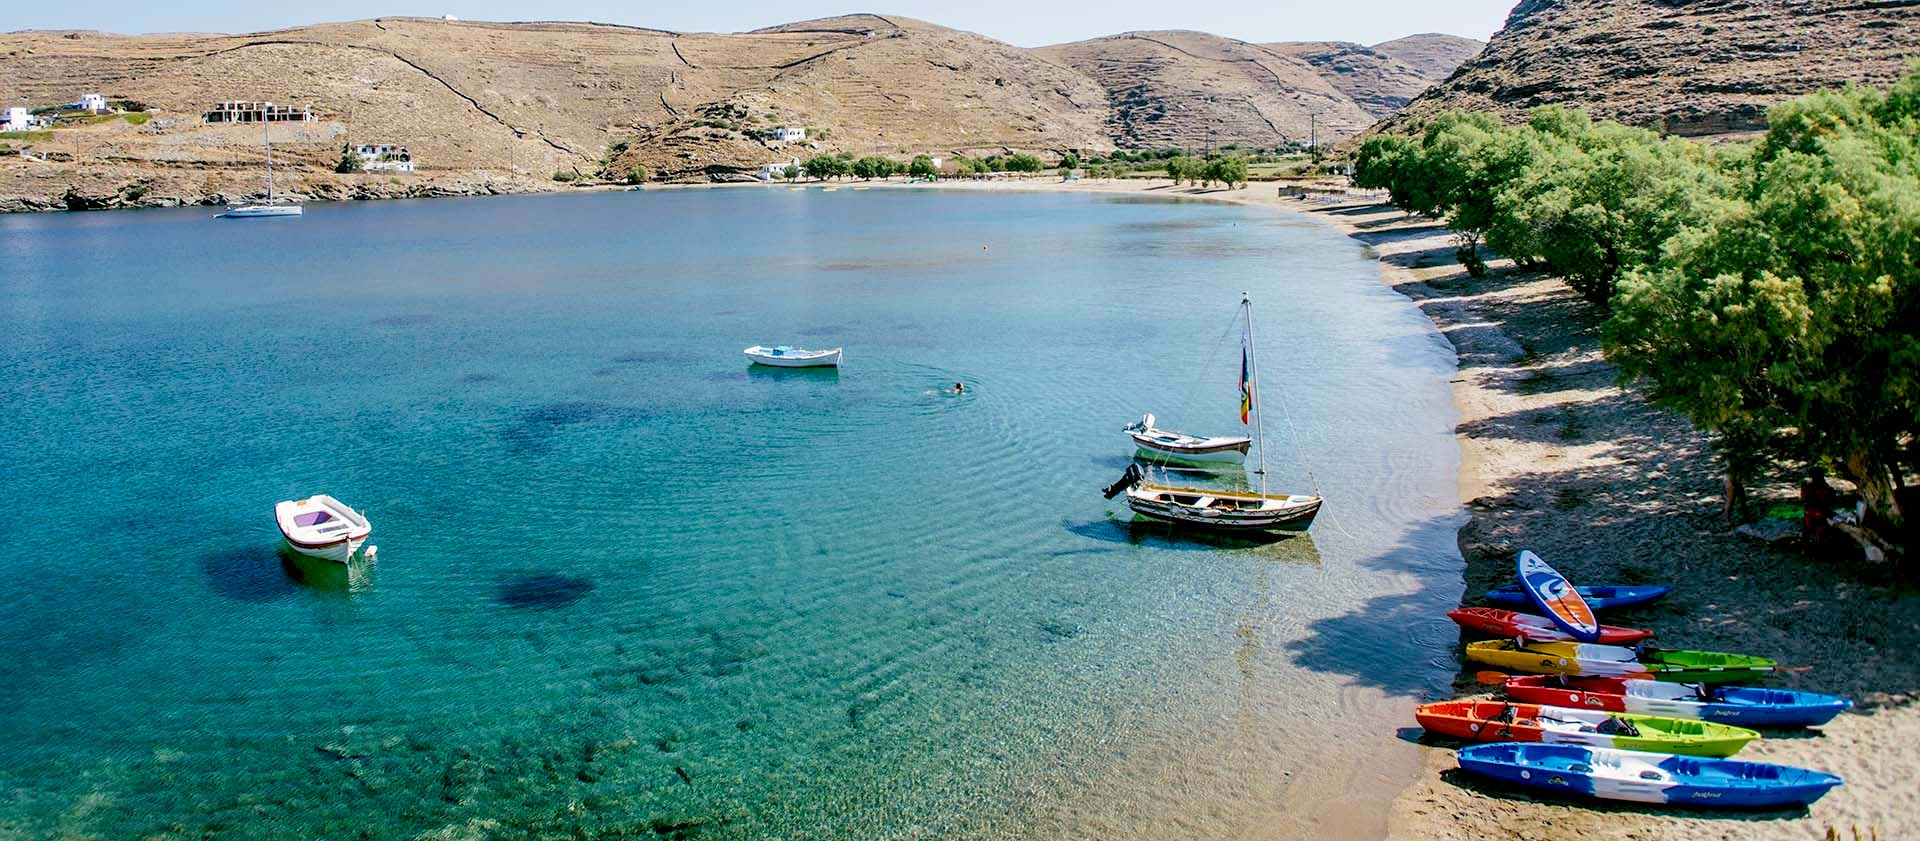 1,5 ώρα απ' το Λαύριο, 92 παραλίες: To μικρό νησί που θεωρείται ο πιο ασφαλής προορισμός για το καλοκαίρι του '20 (Pics)